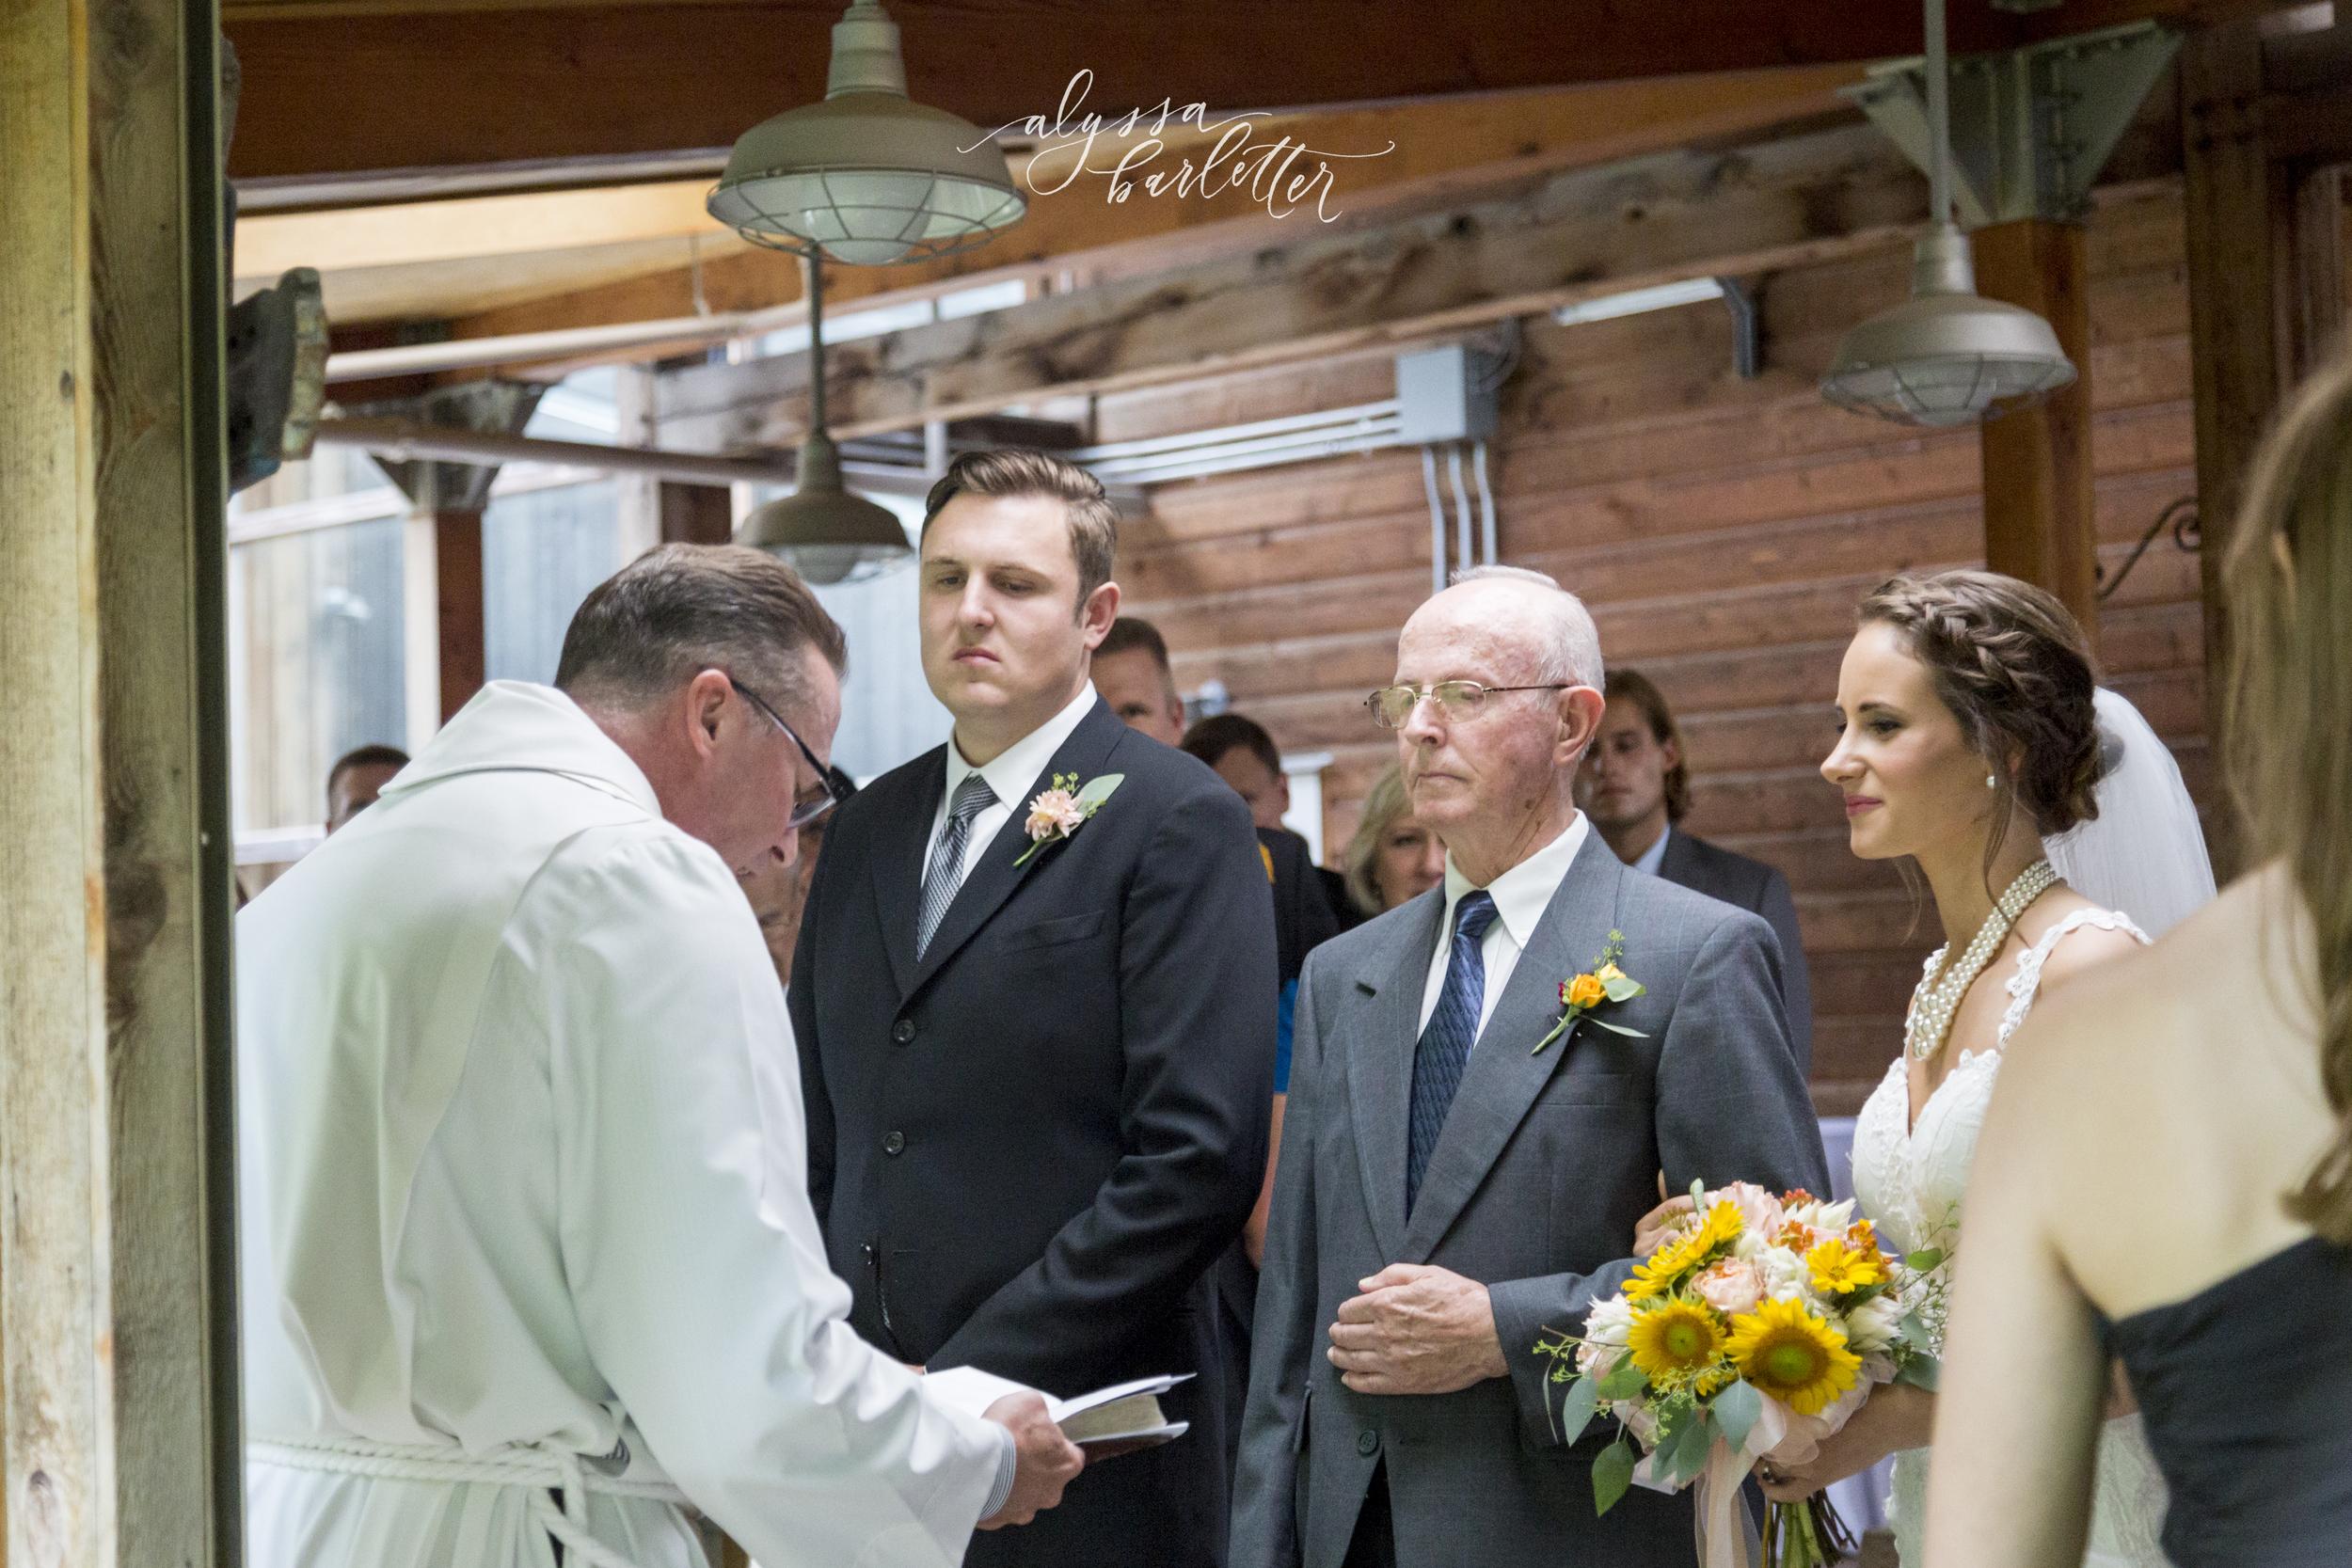 kansas city wedding budget mahaffie bride groom ceremony giving away grandfather